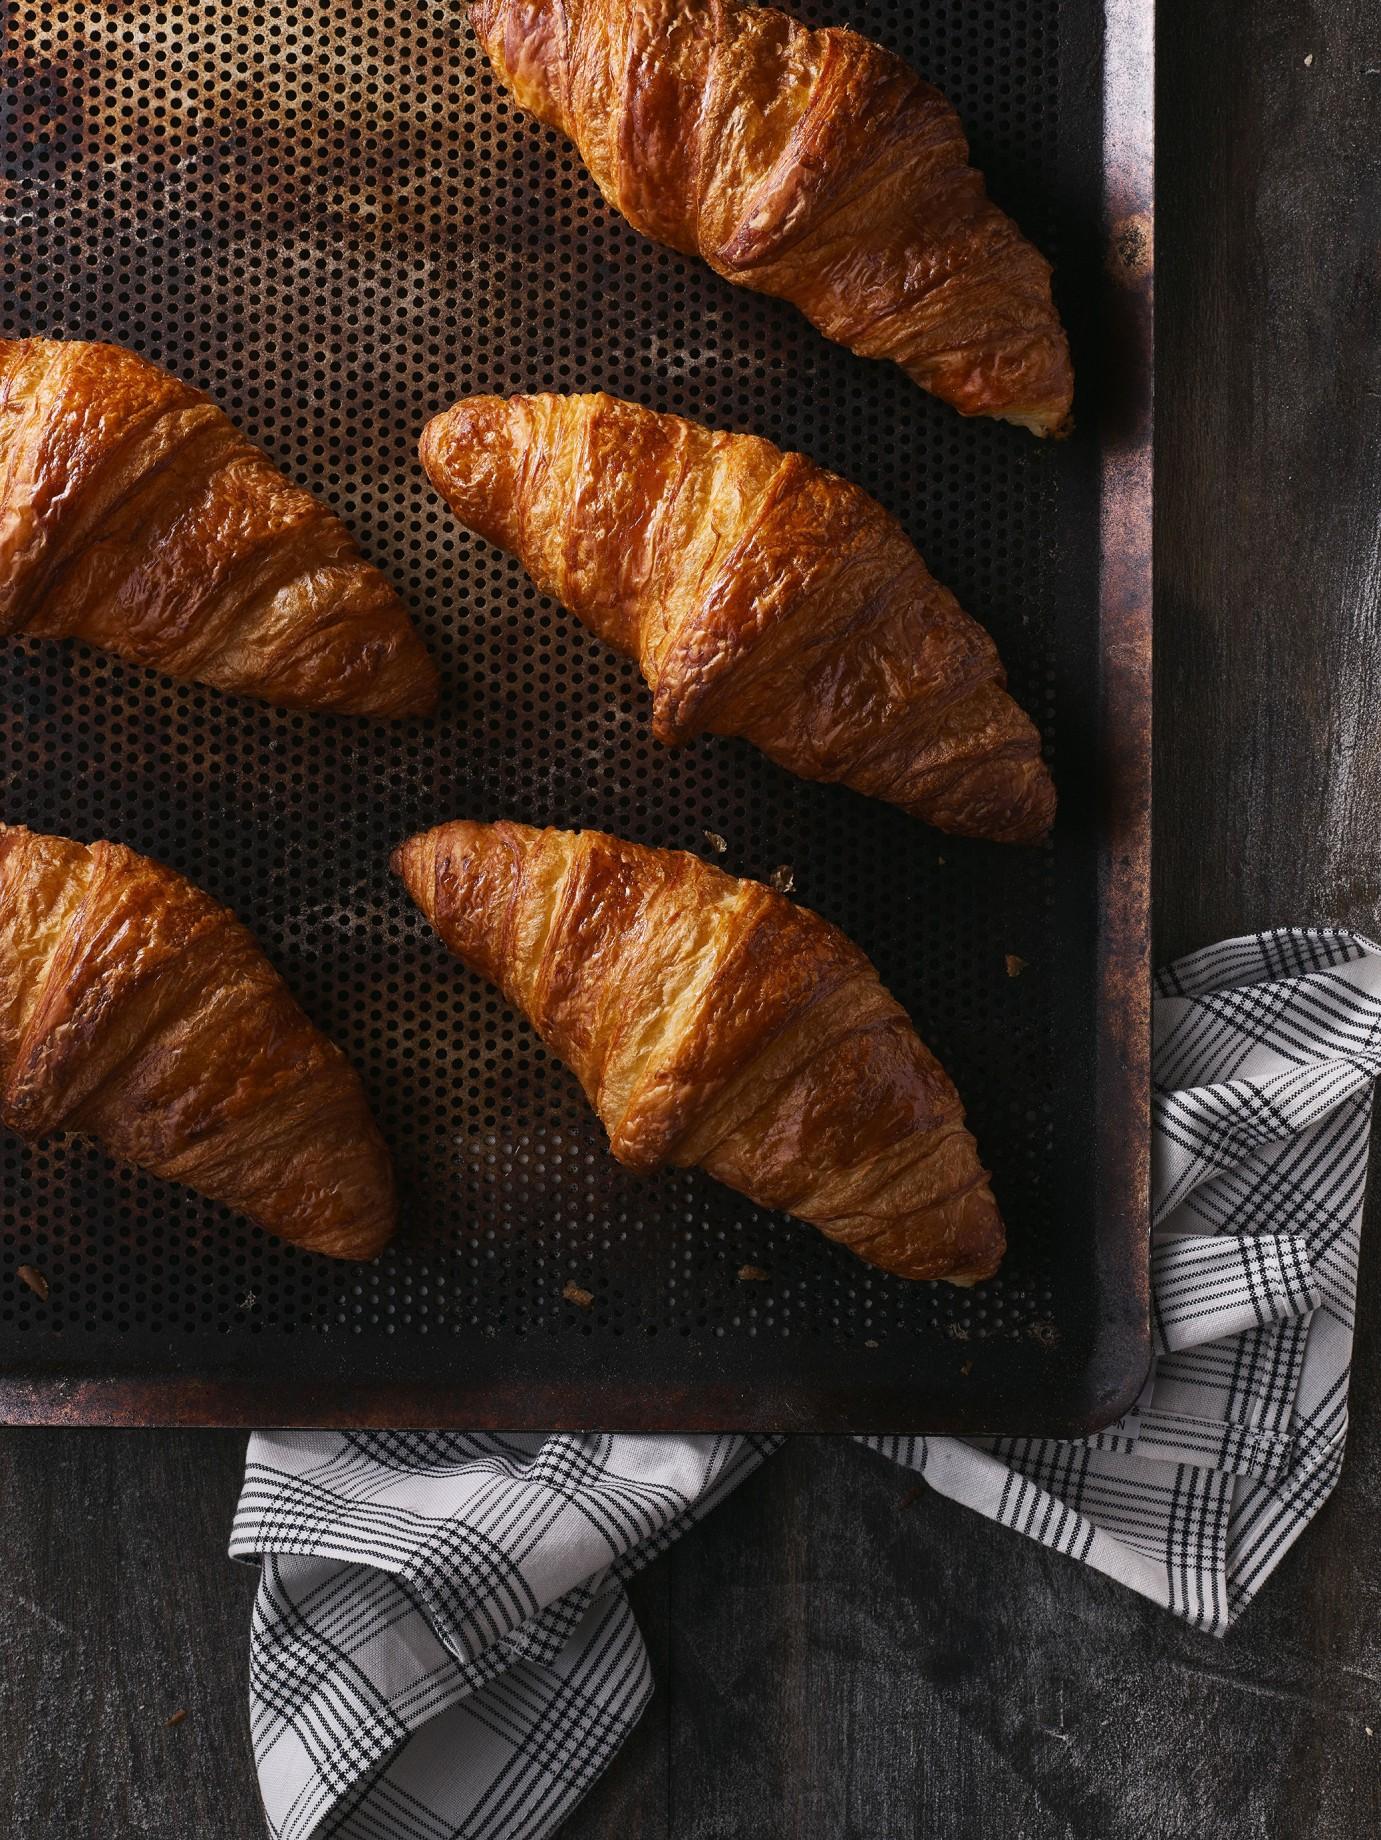 FDME_baguette-croissant-10356